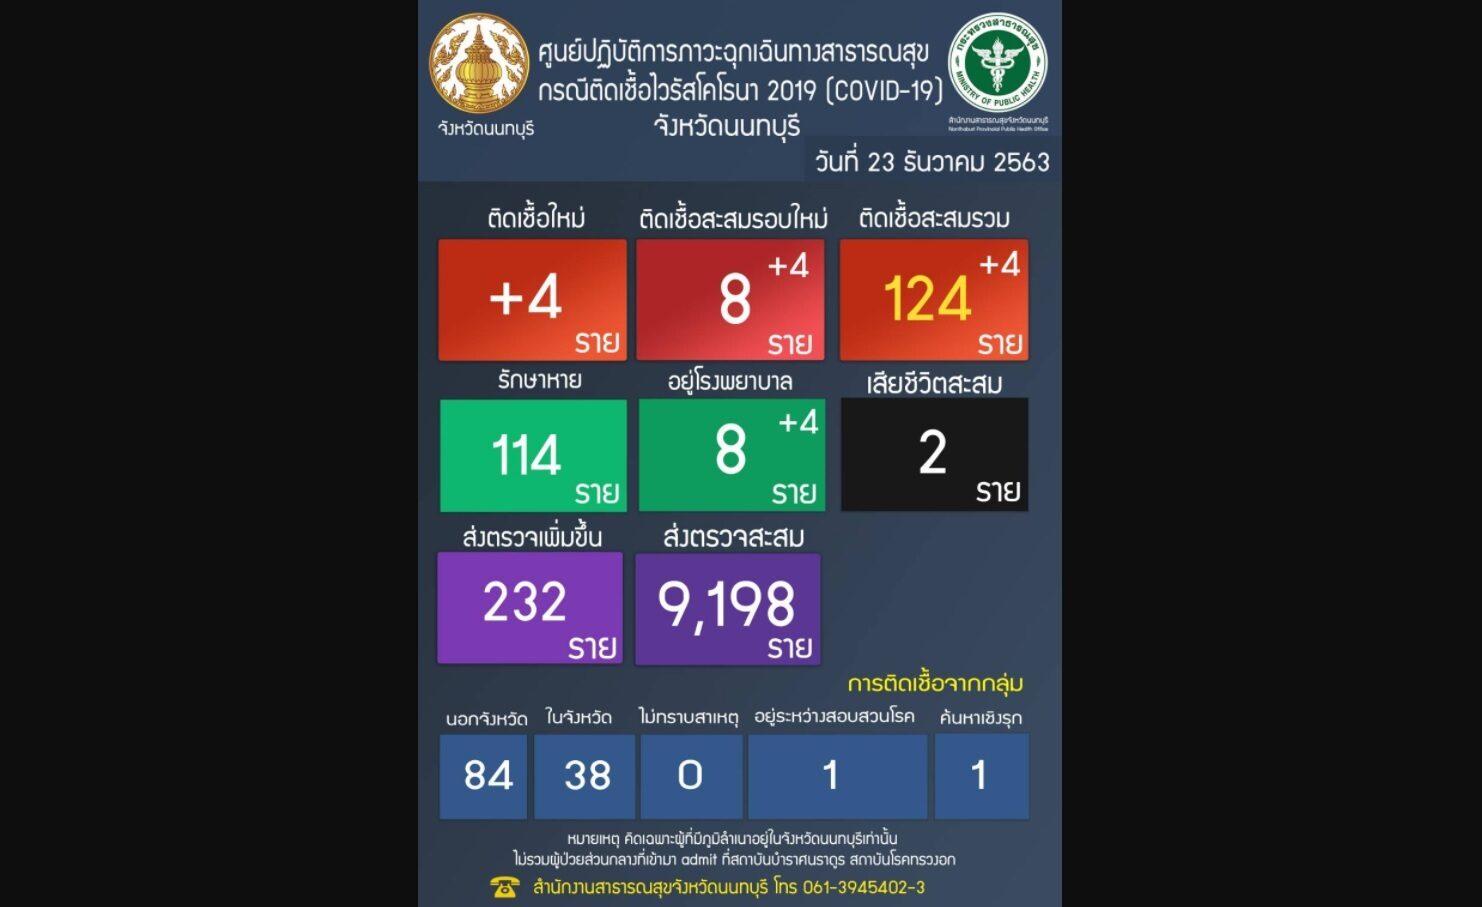 ด่วน! นนทบุรี พบผู้ป่วยรอบใหม่เพิ่มอีก 4 รวมเป็น 8 ราย